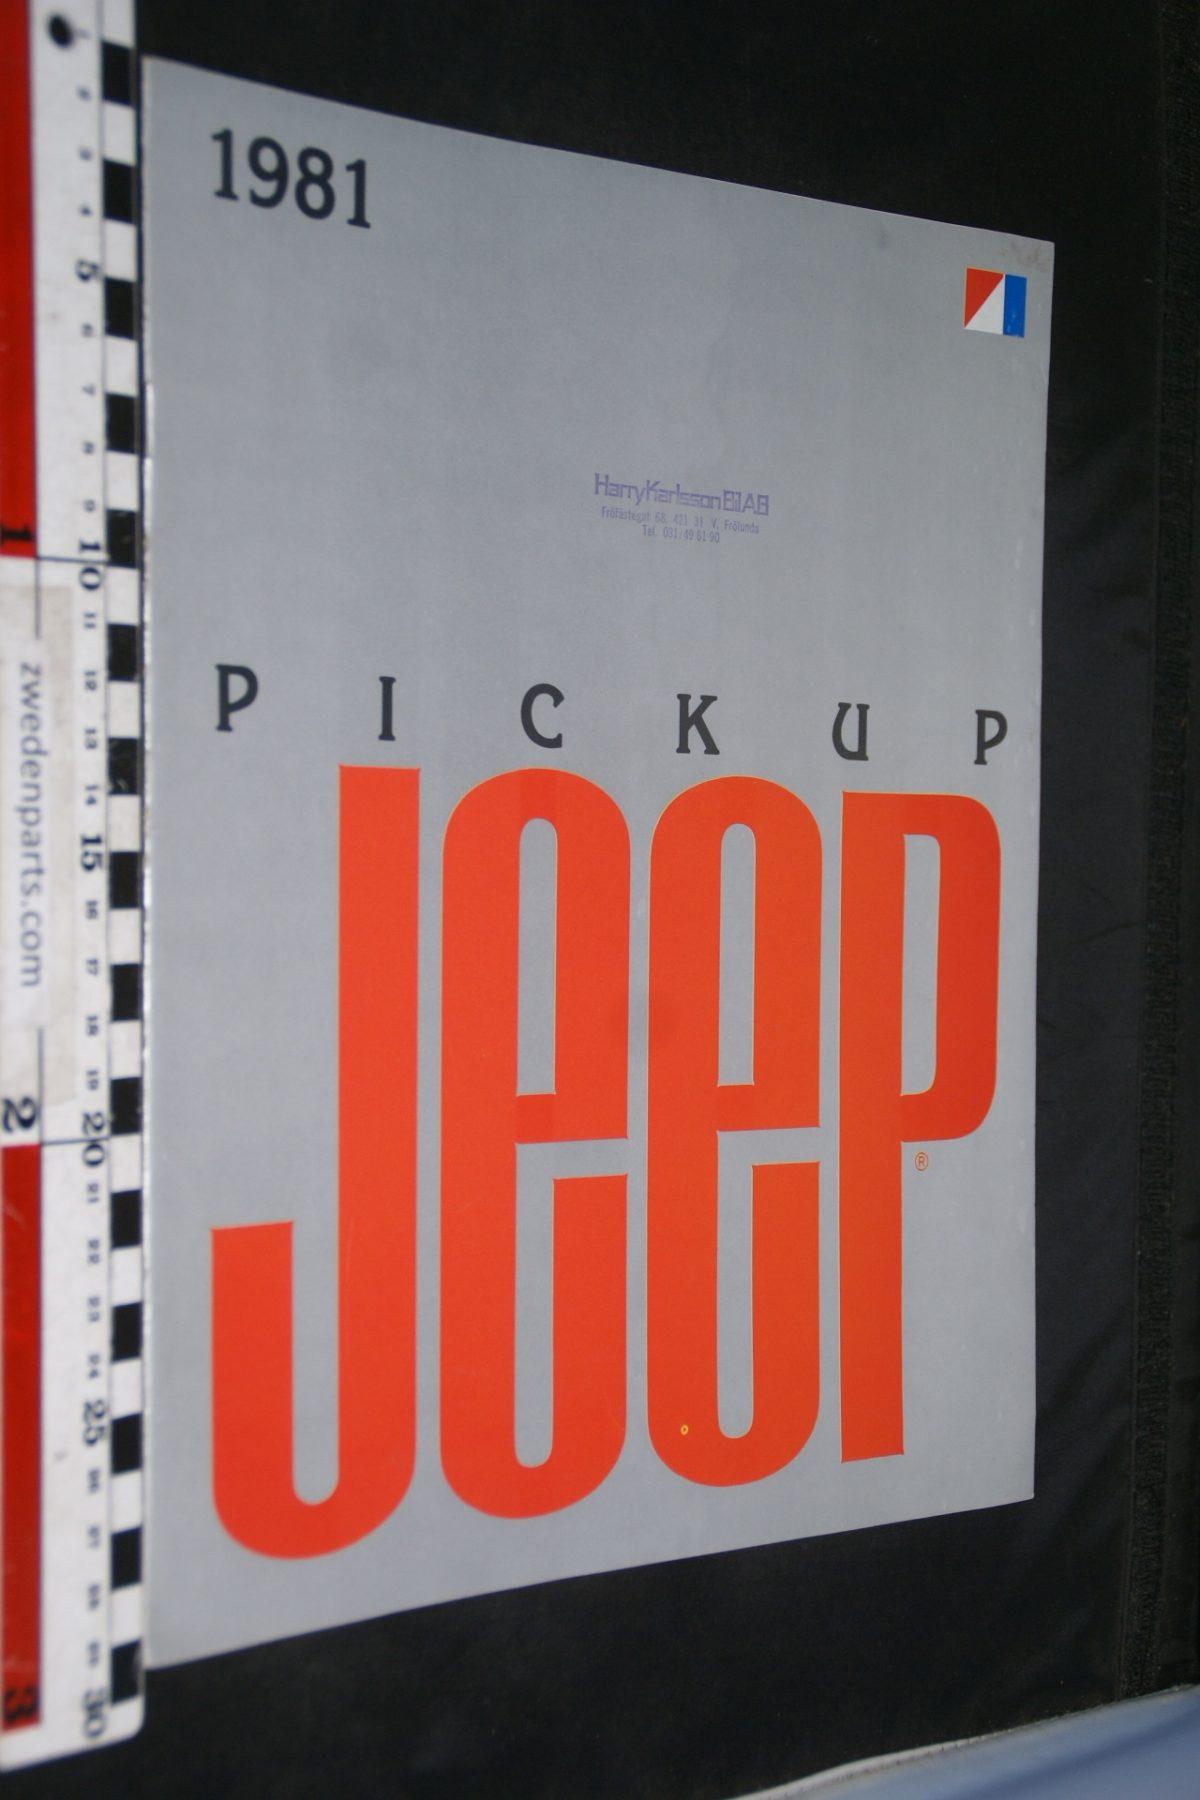 DSC04880 1981 Jeep pickup brochure